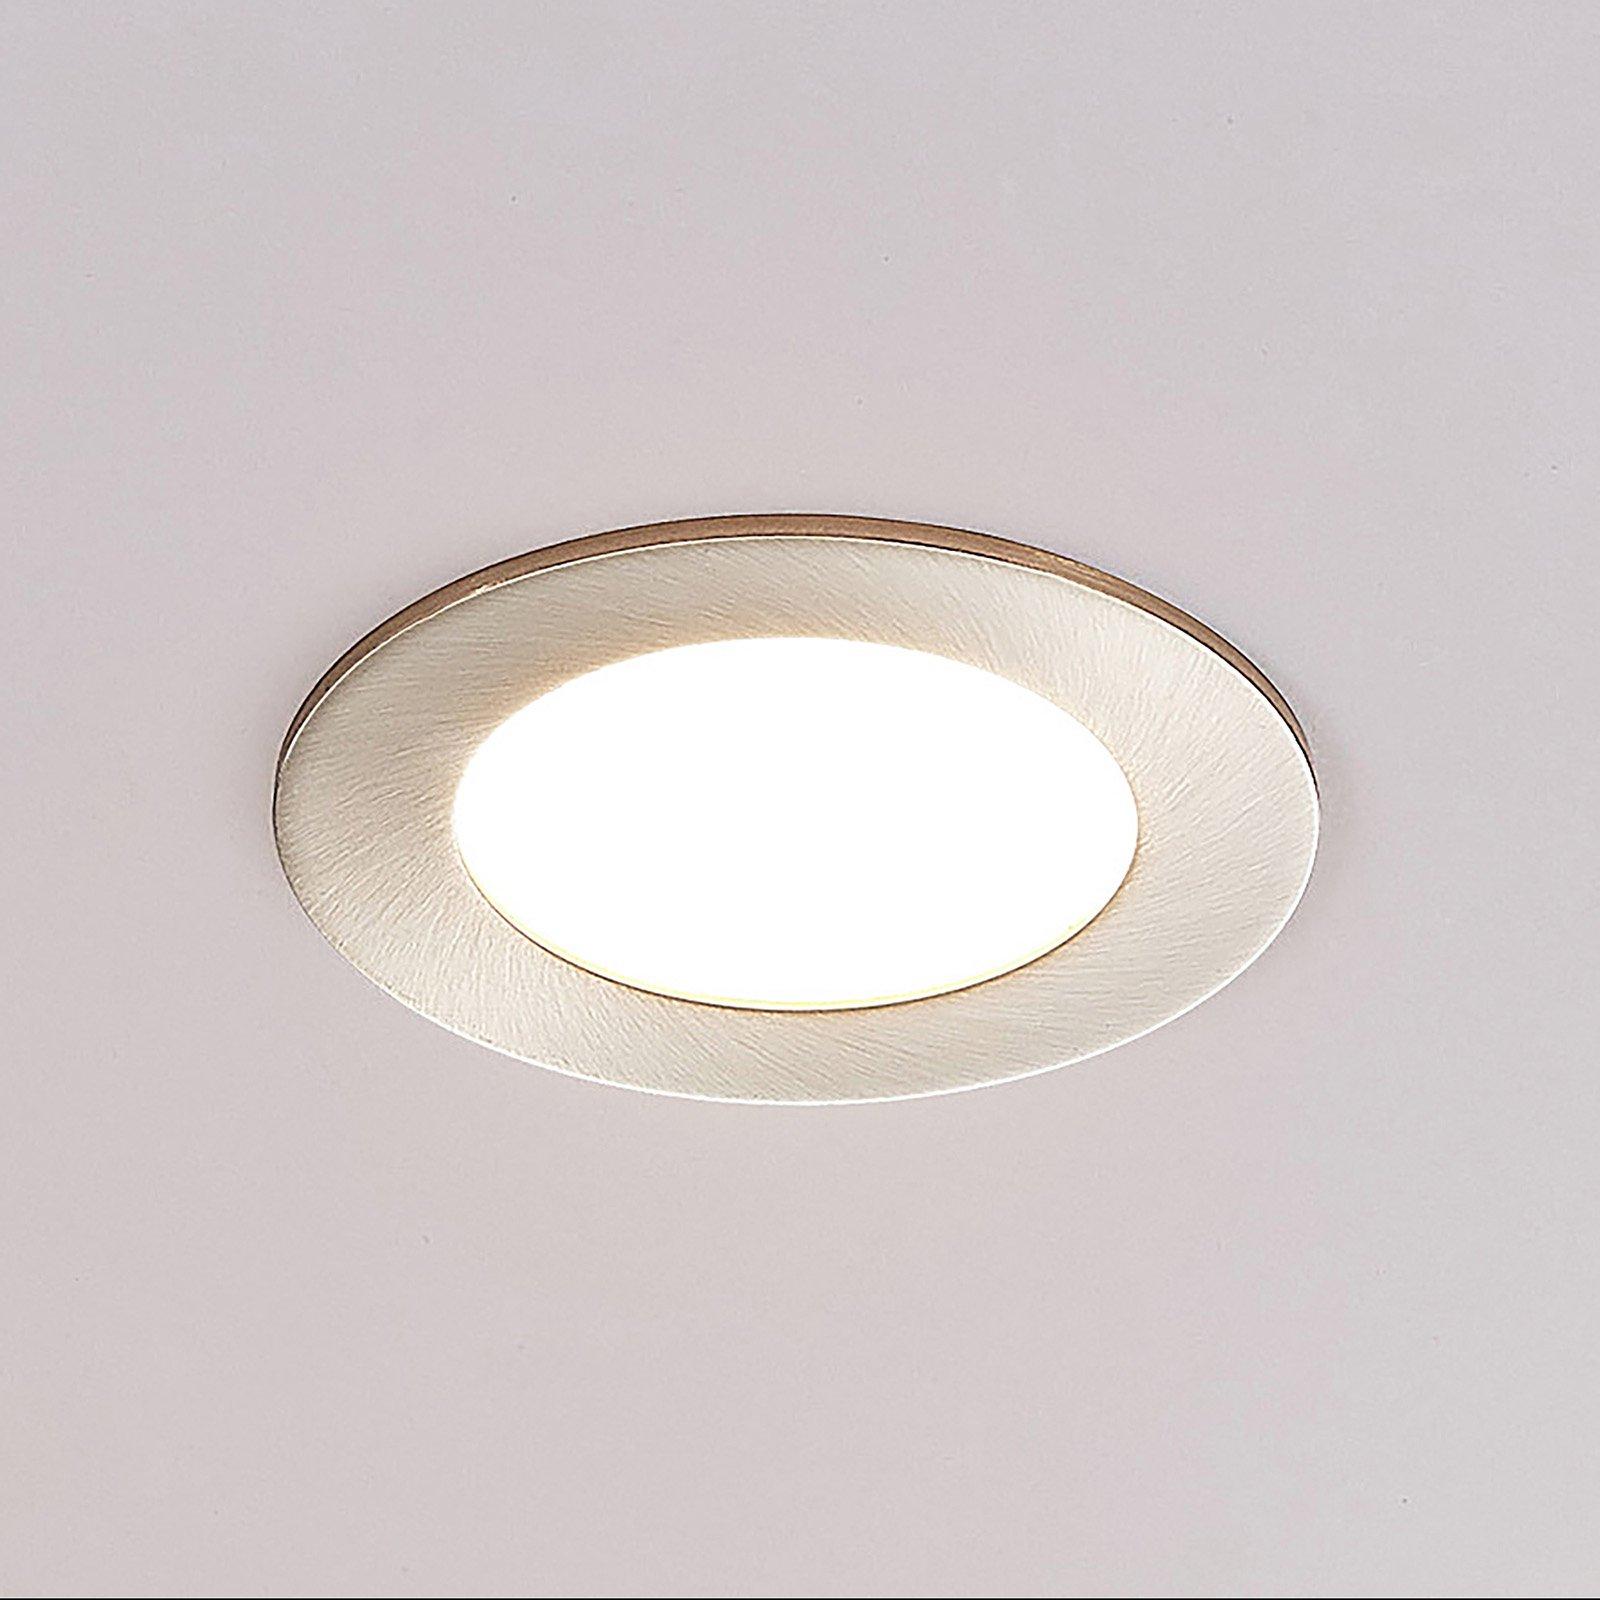 ELC Jupiter LED-downlight, 3-er sett i nikkel